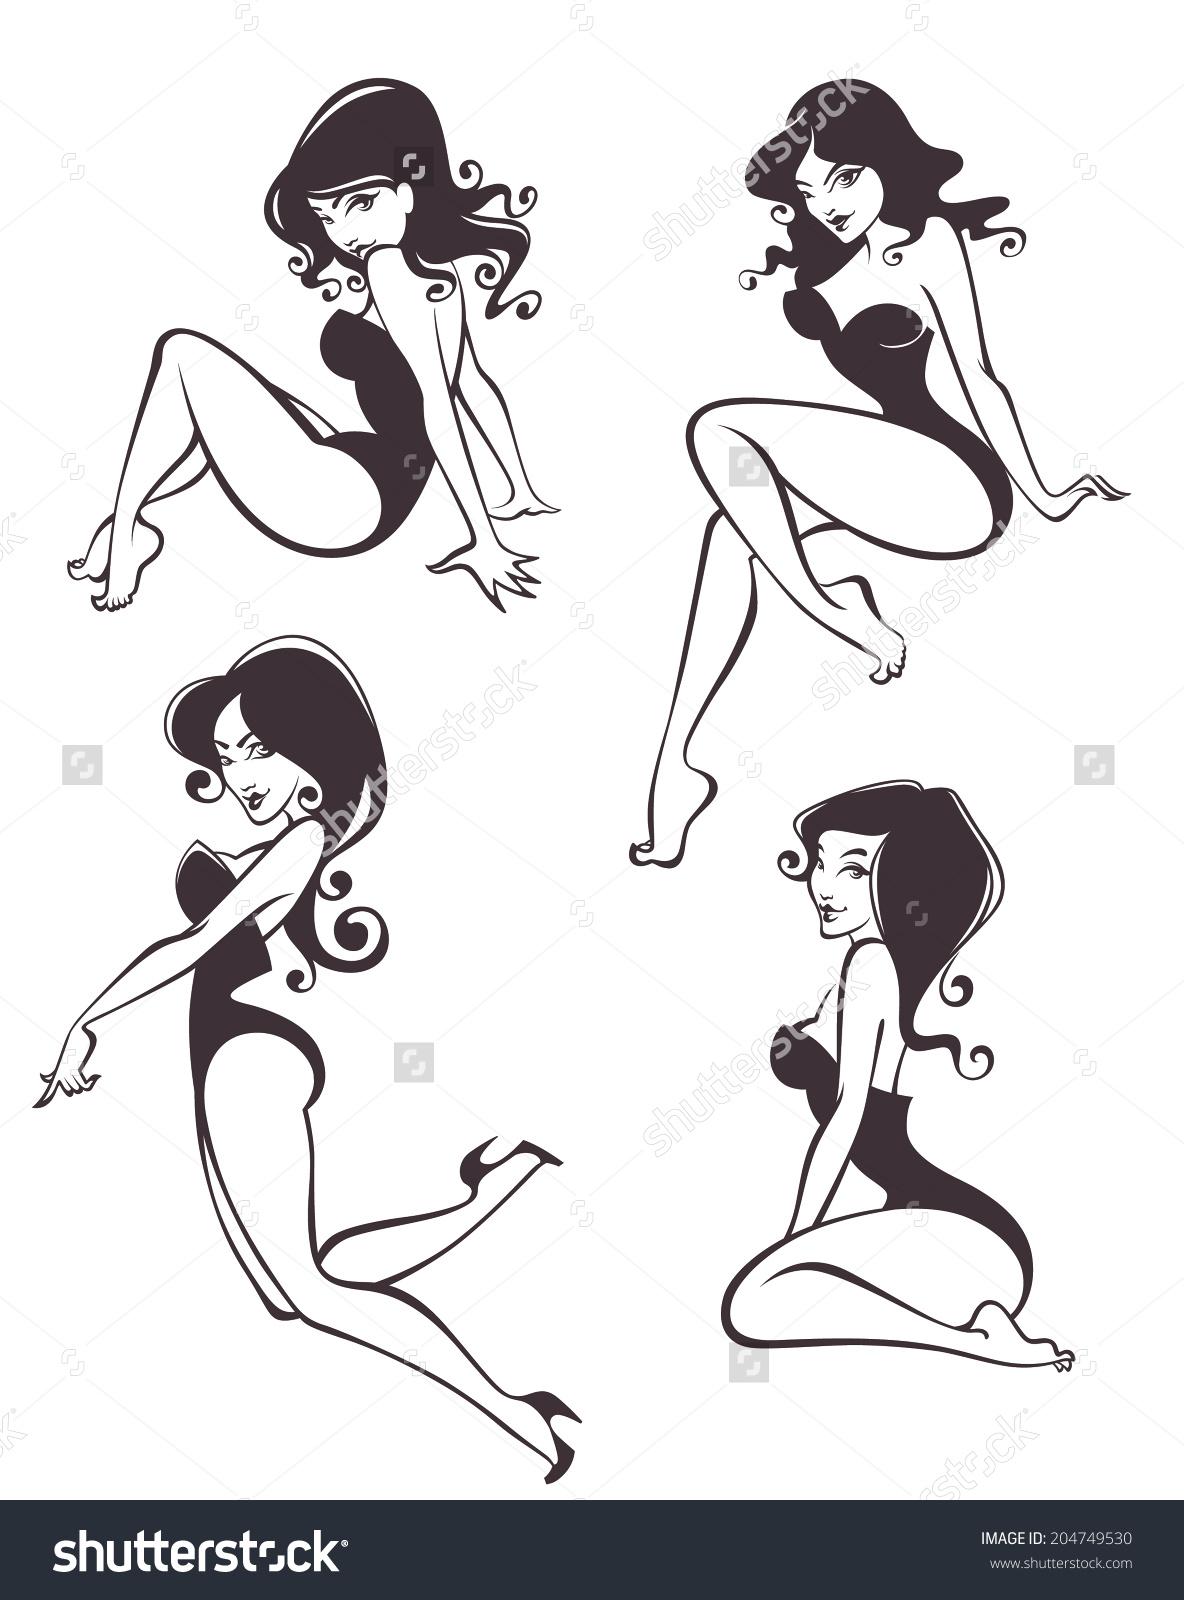 Pin up girl clip art.